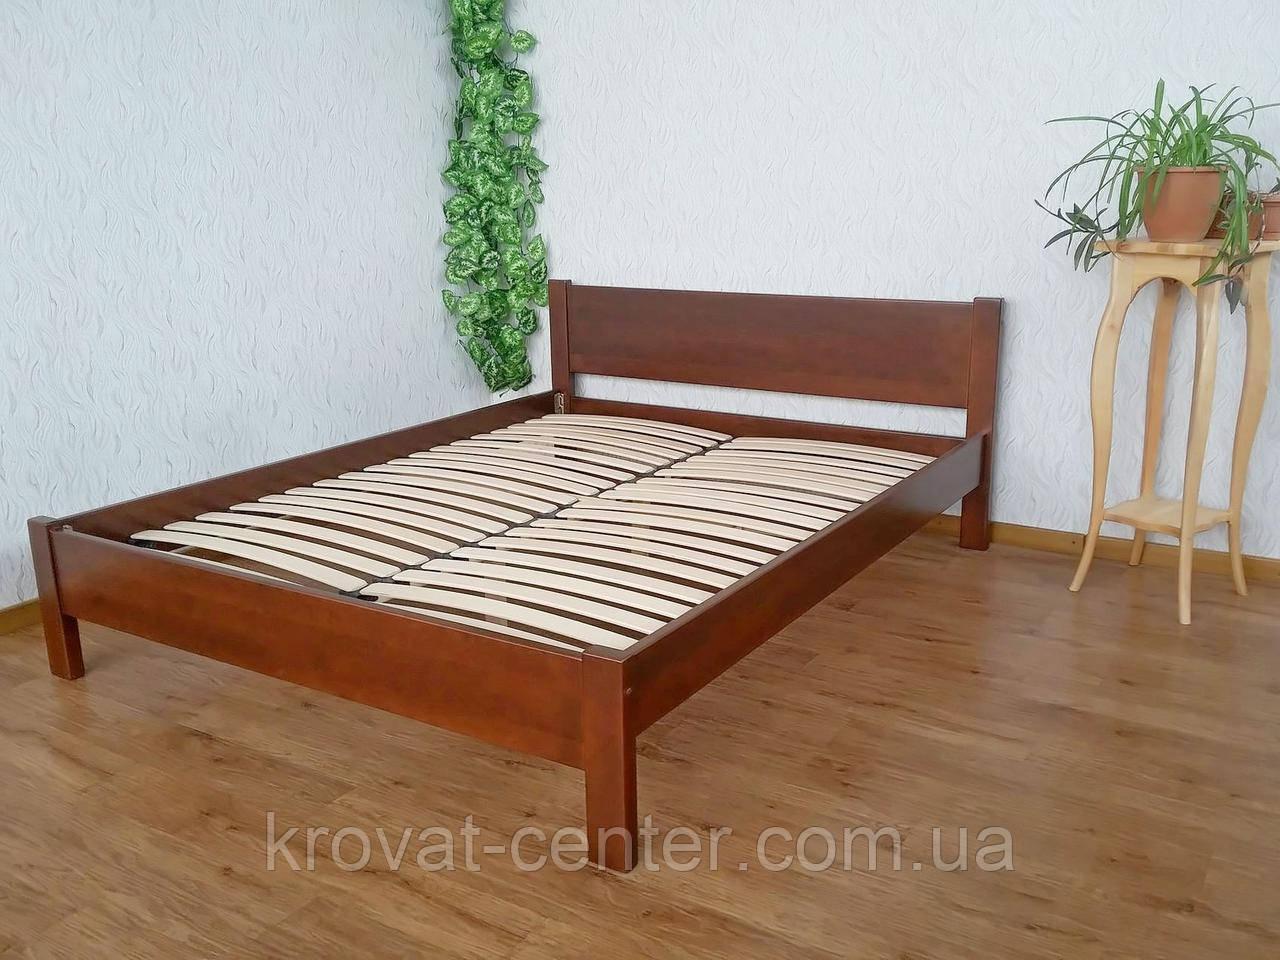 """Кровать полуторная из массива дерева от производителя """"Эконом"""""""